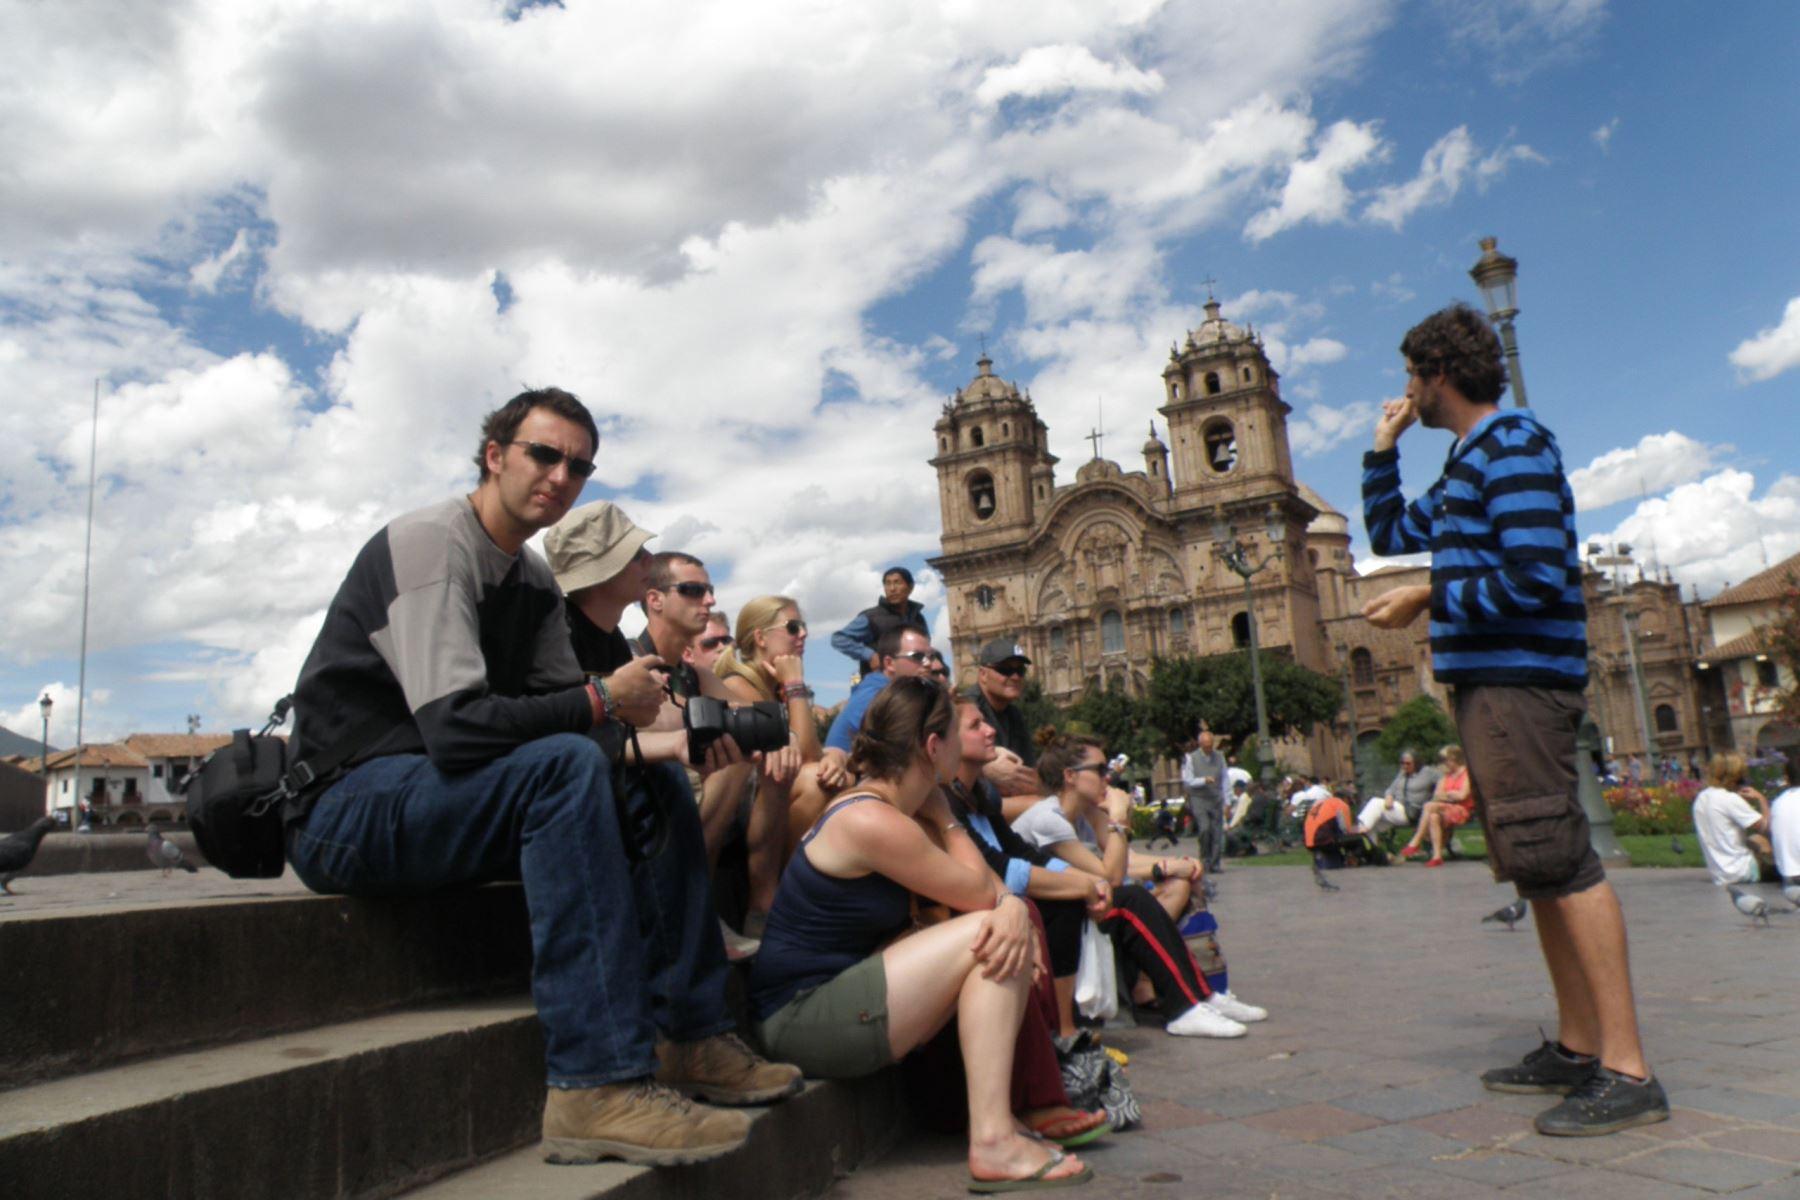 """Turismo cultural: 50% de visitantes extranjeros al Perú es """"millennial"""", según el Perfil del Turista Extranjero 2017 de Promperú. ANDINA/Archivo"""